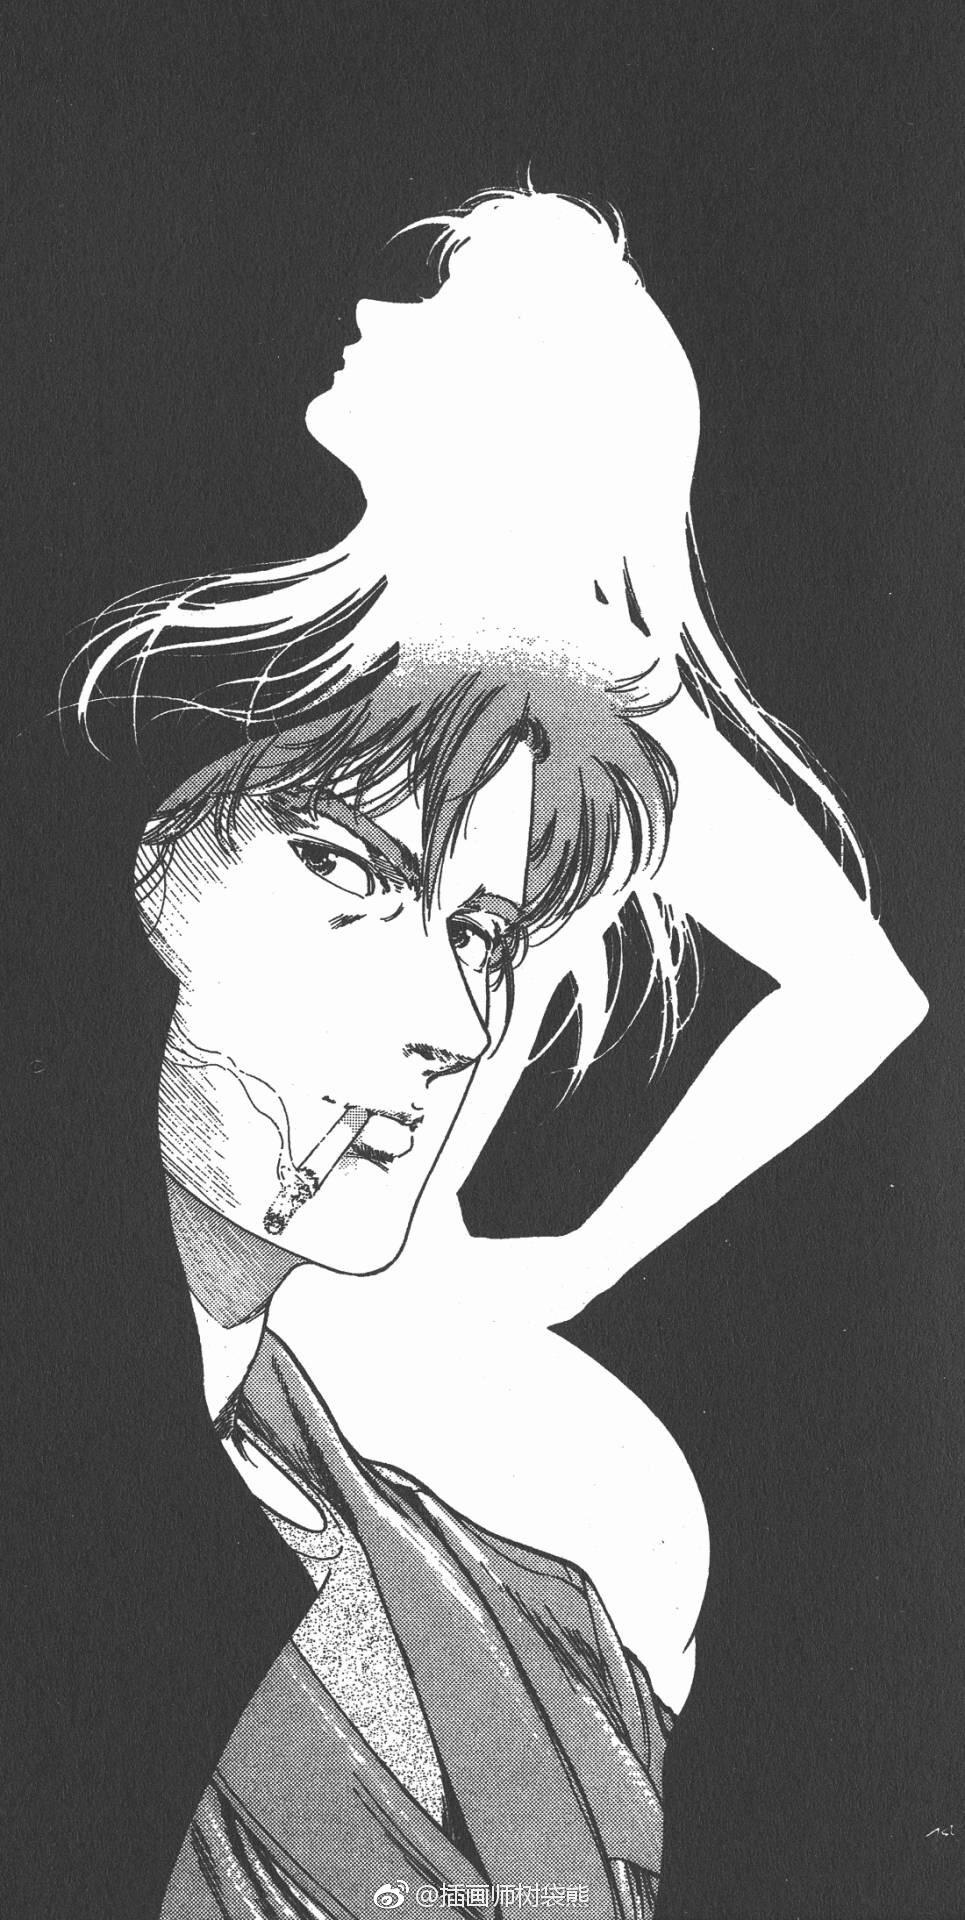 日本漫画家北条司《城市猎人》画集剧情作品漫画漫画血族图片